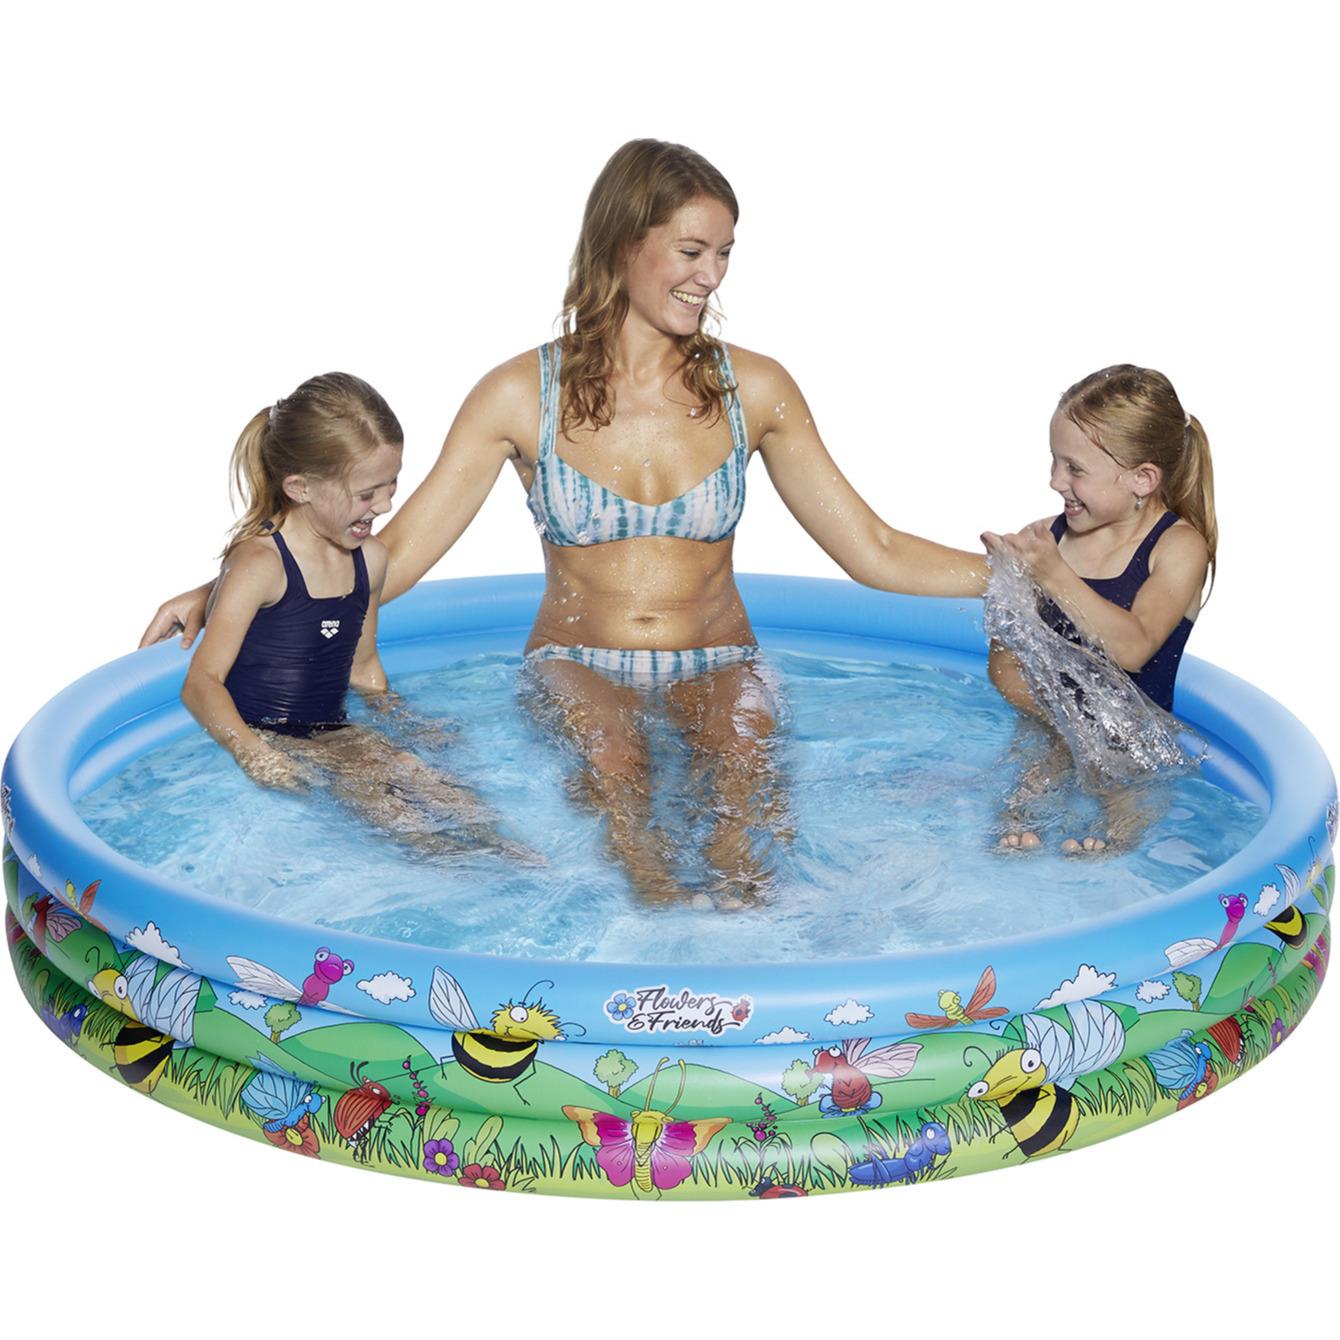 Opblaasbaar familiezwembad rond blauw/bloemen voor kinderen/volwassenen 178 x 30 cm -